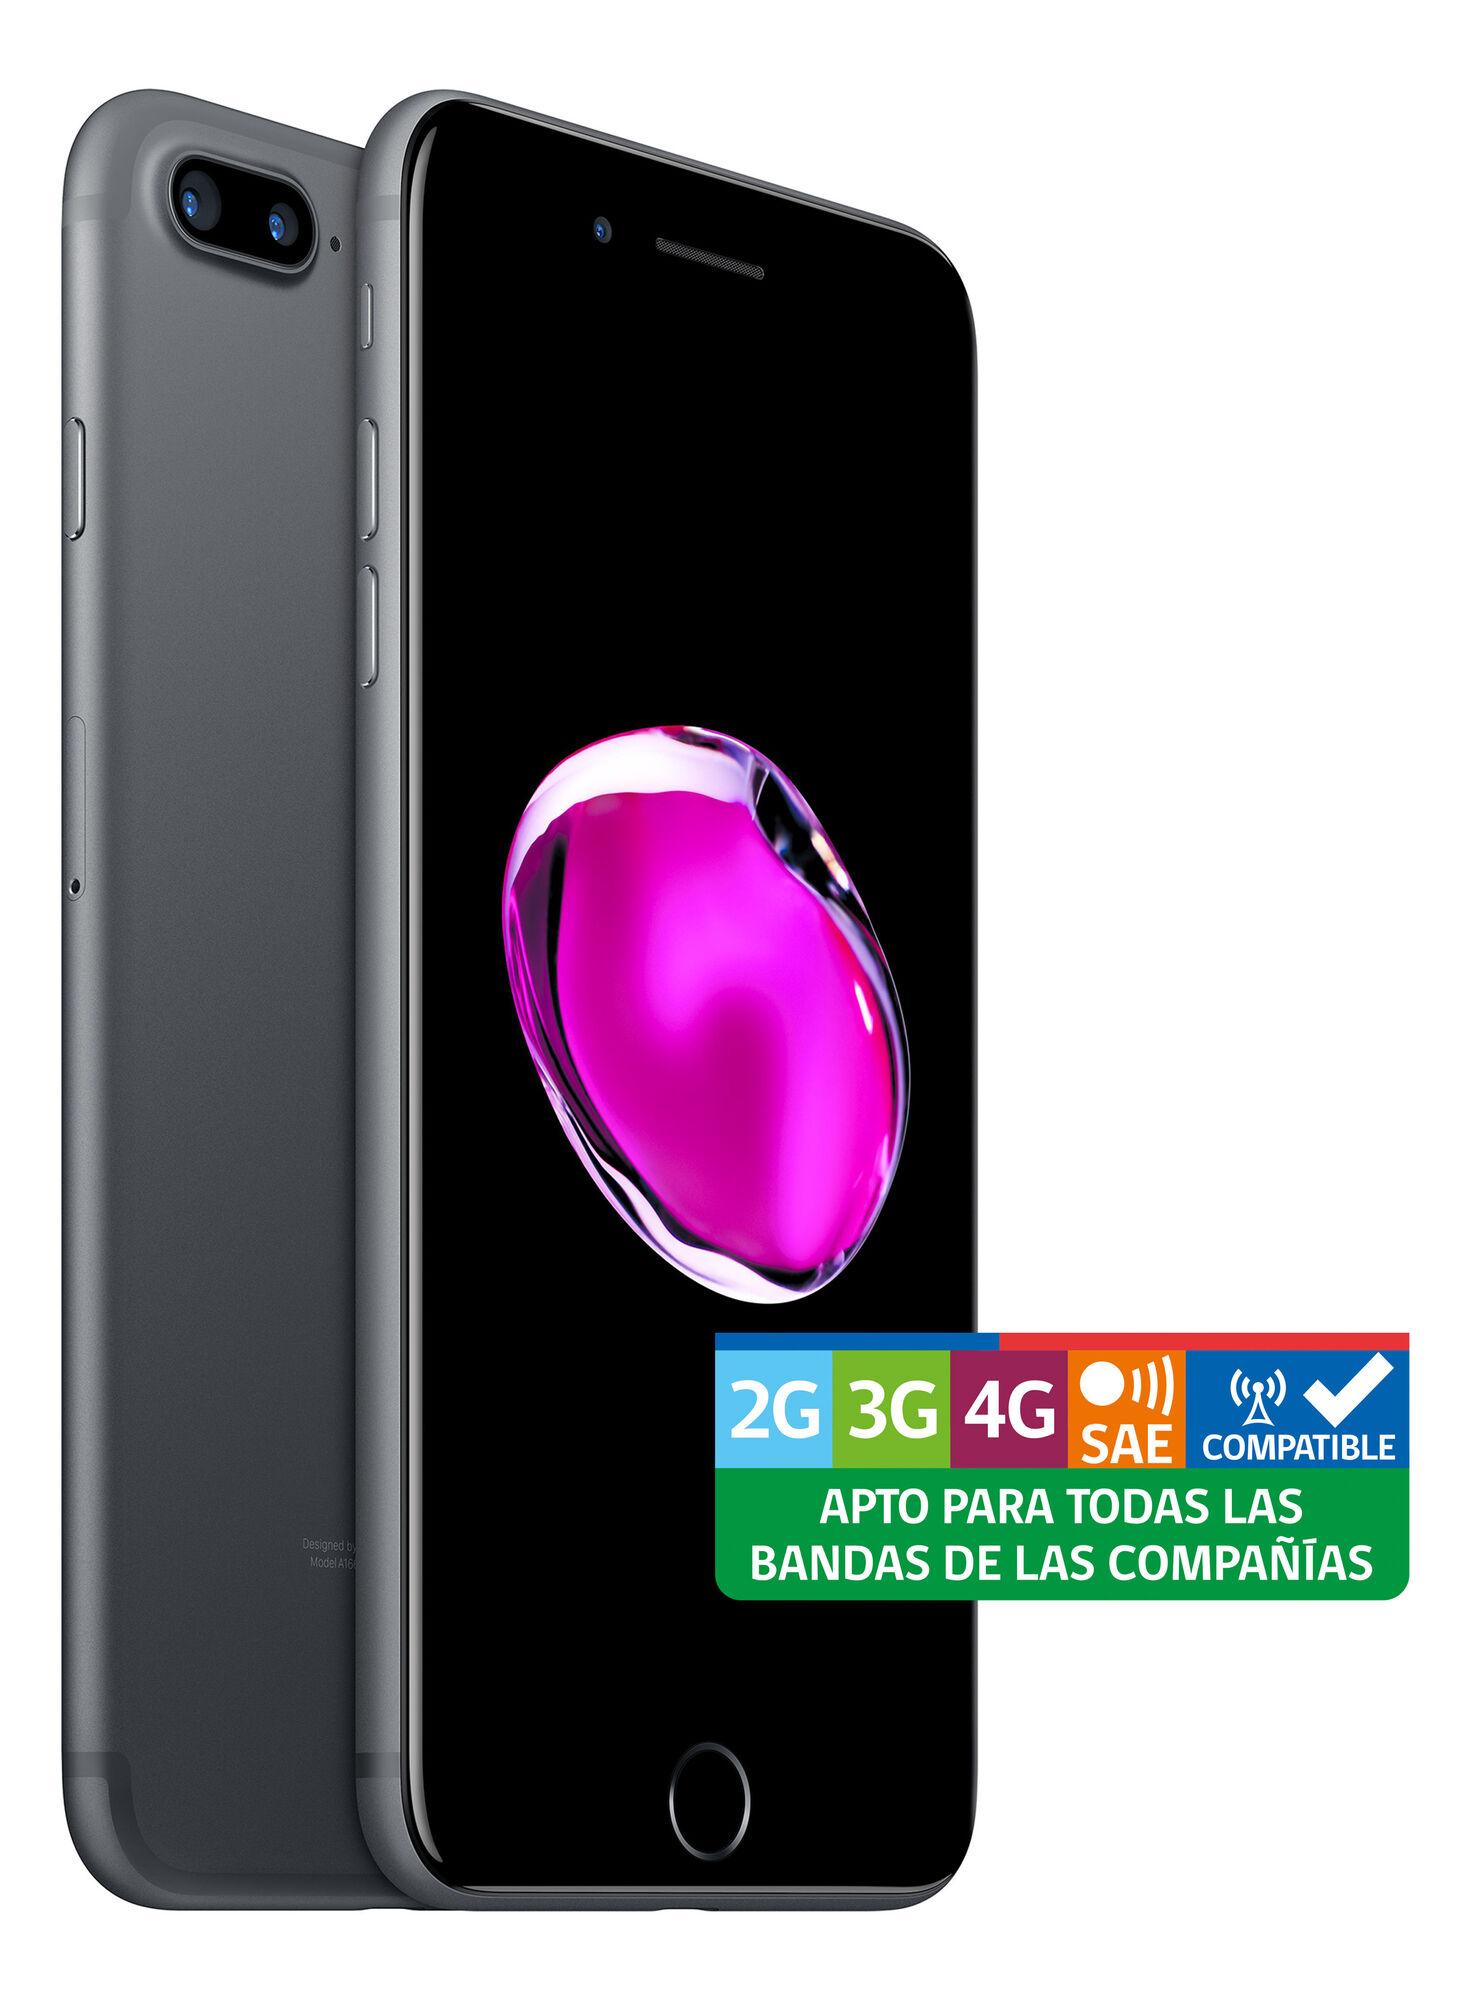 iPhone 7 Plus 32GB Negro Liberado